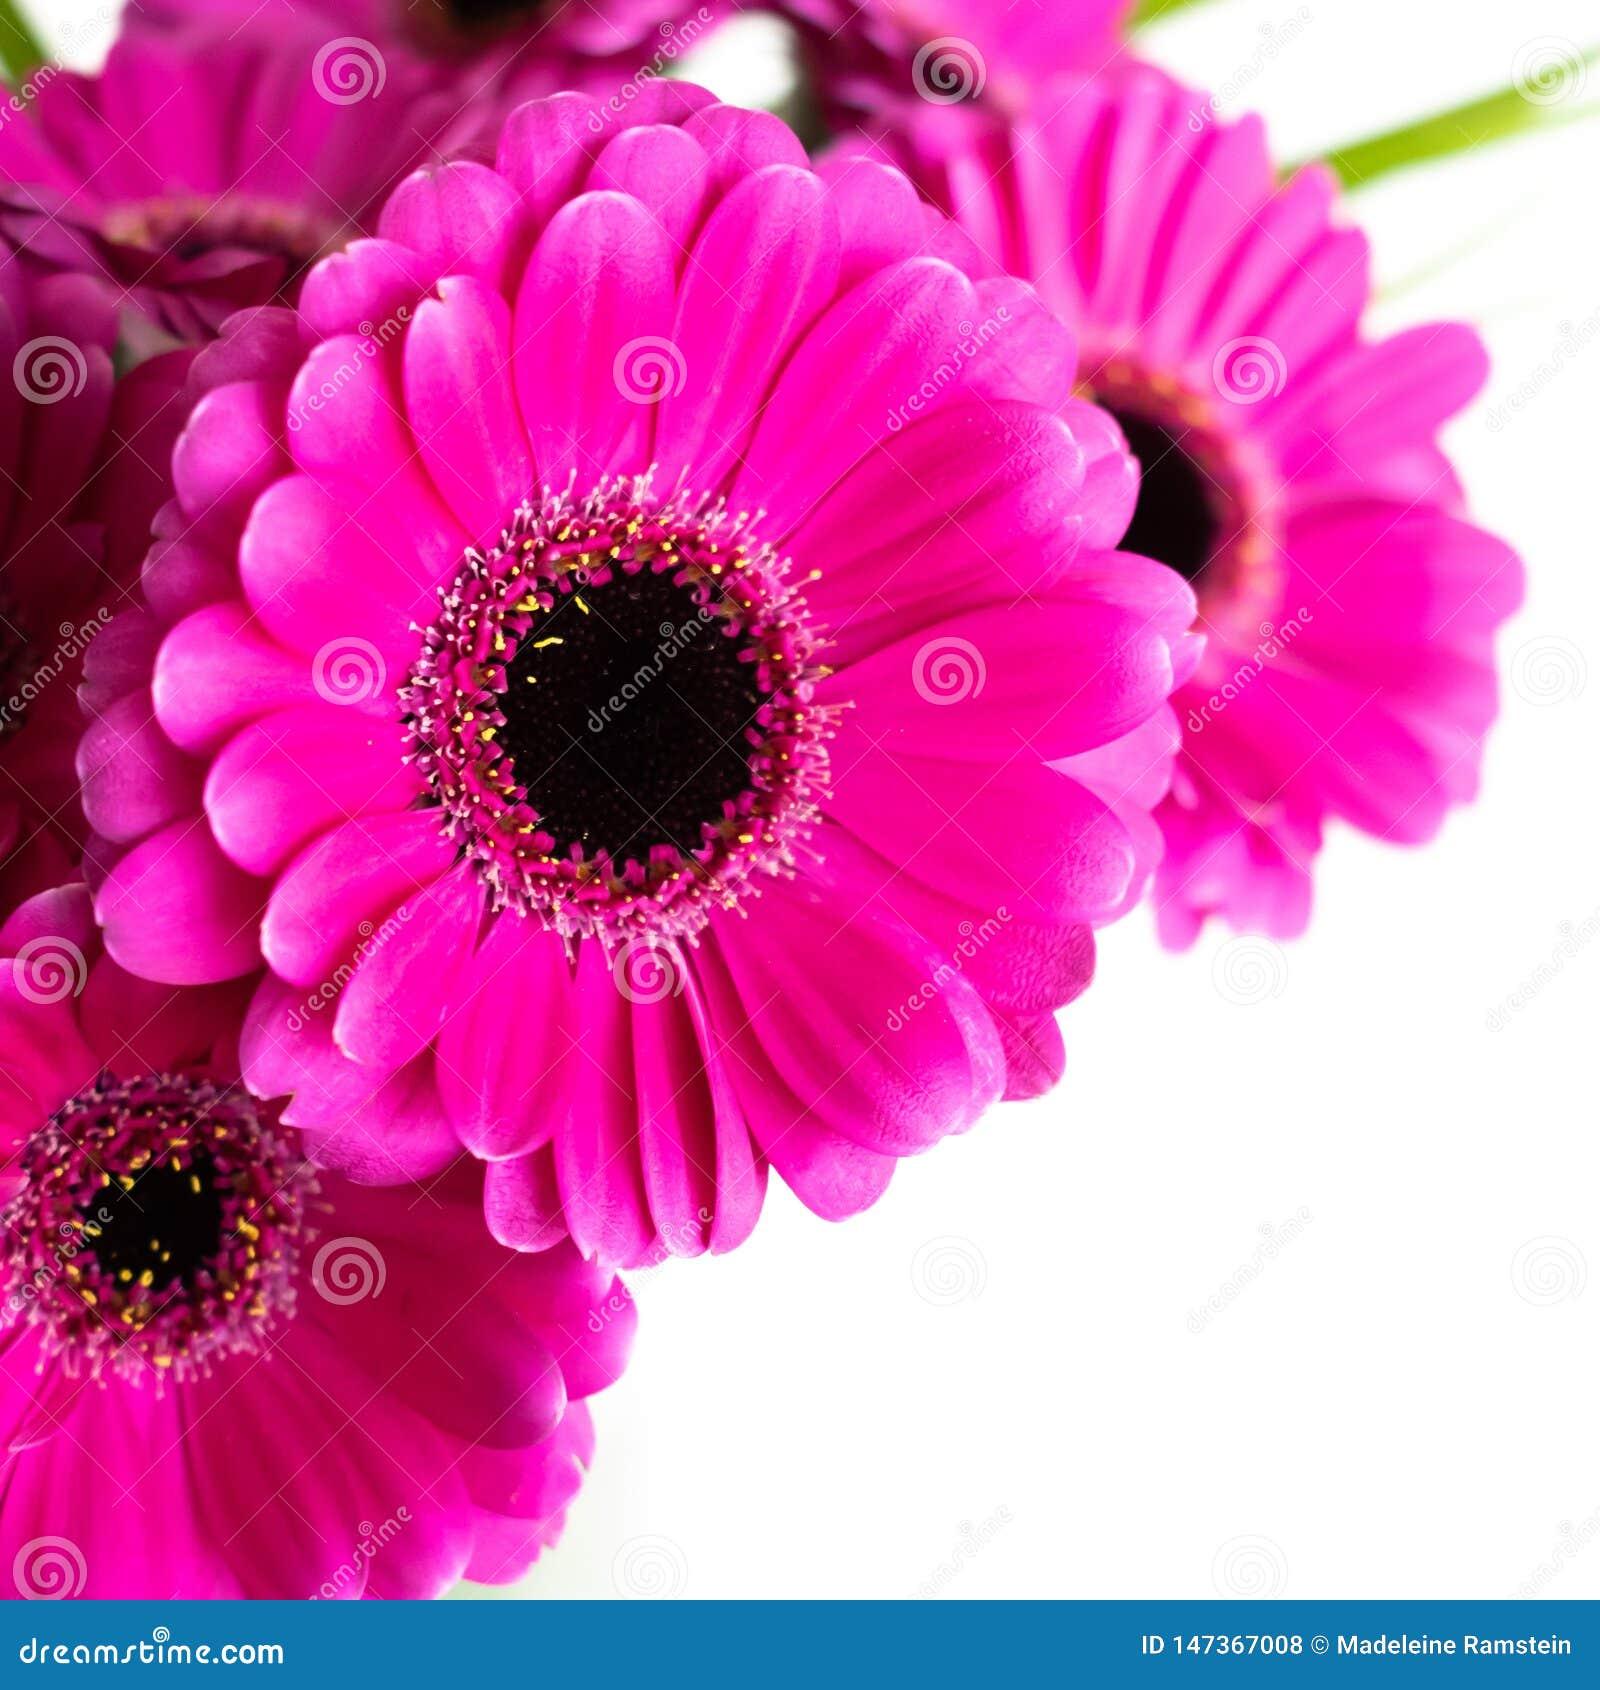 Ανθοδέσμη λουλουδιών Gerbera ροζ/πορφύρας/violette Στο εσωτερικό με το άσπρο υπόβαθρο